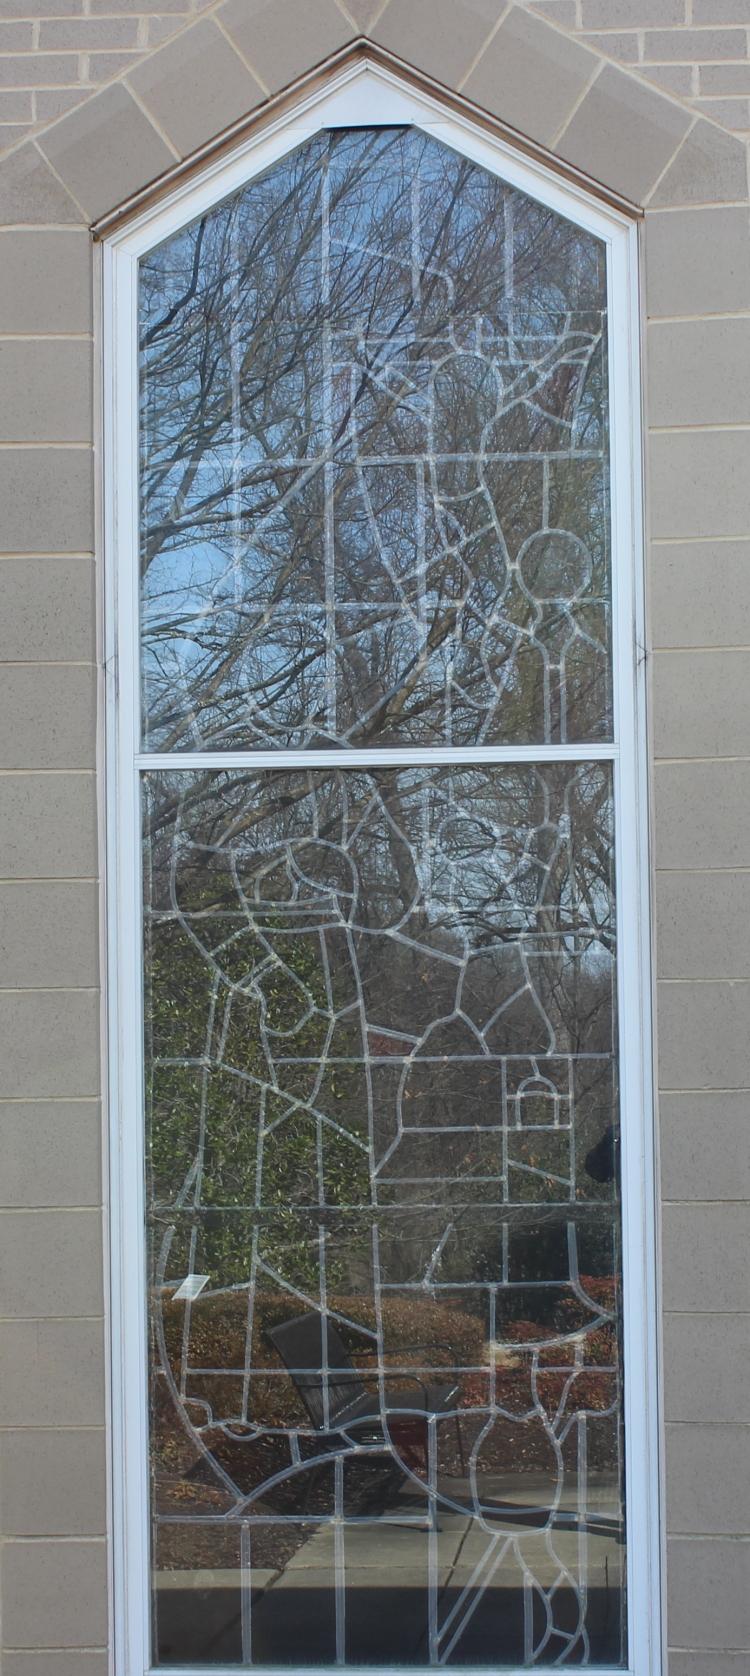 Monday window 3